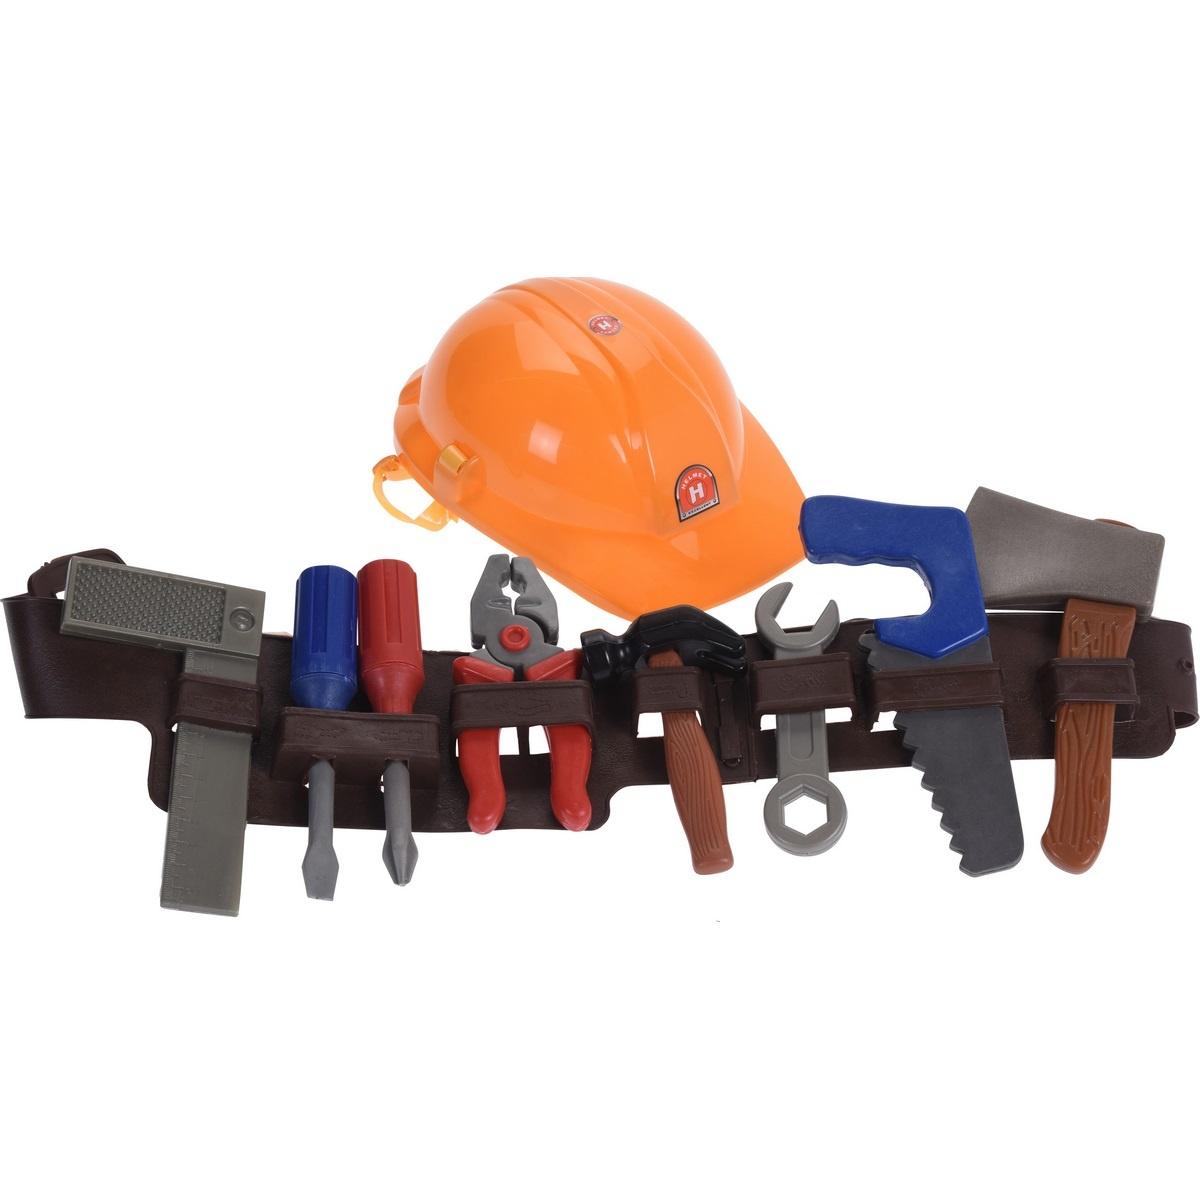 Koopman Dětský hrací set Malý kutil, 10 ks